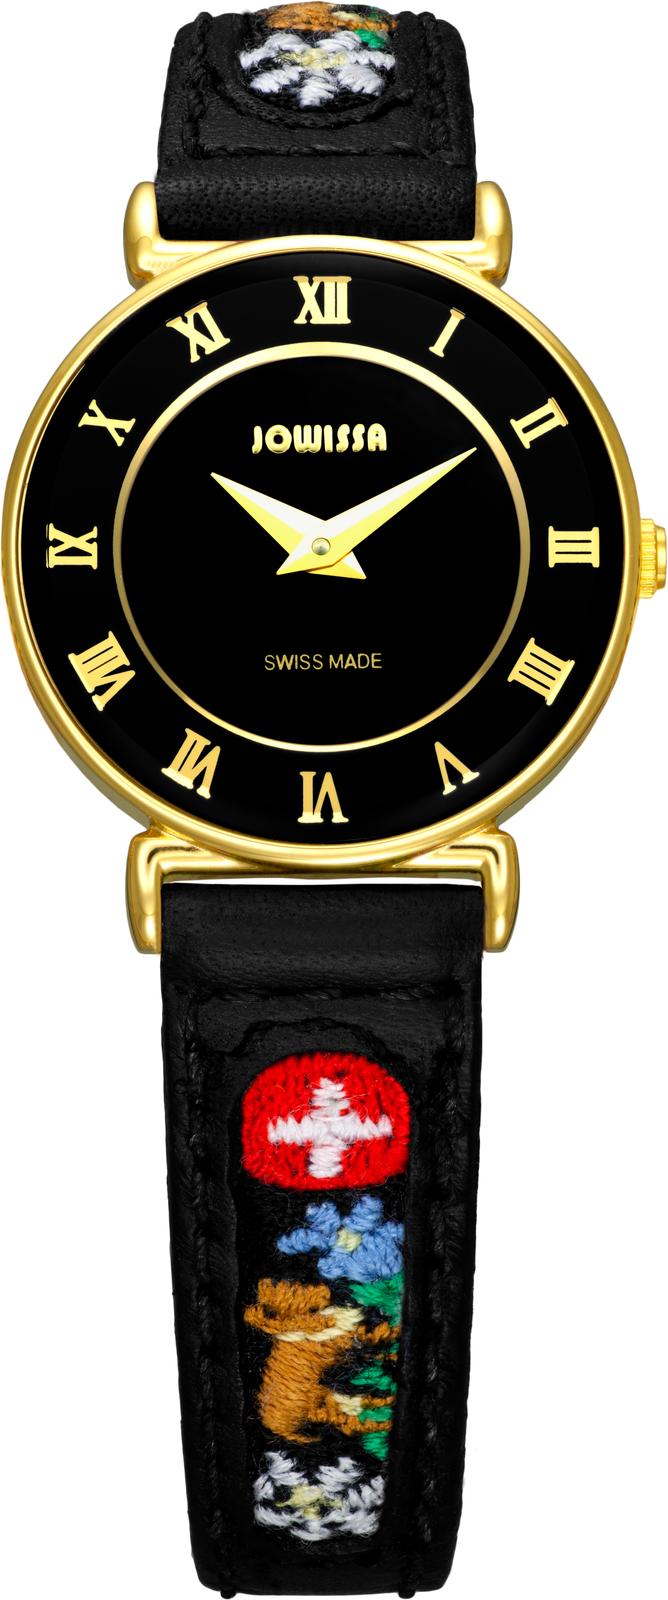 Ceas dama Roma Ethno cu carcasa din otel inoxidabil 25mm, curea din piele, mecanism Ronda 762, rezistent la apa 3 ATM